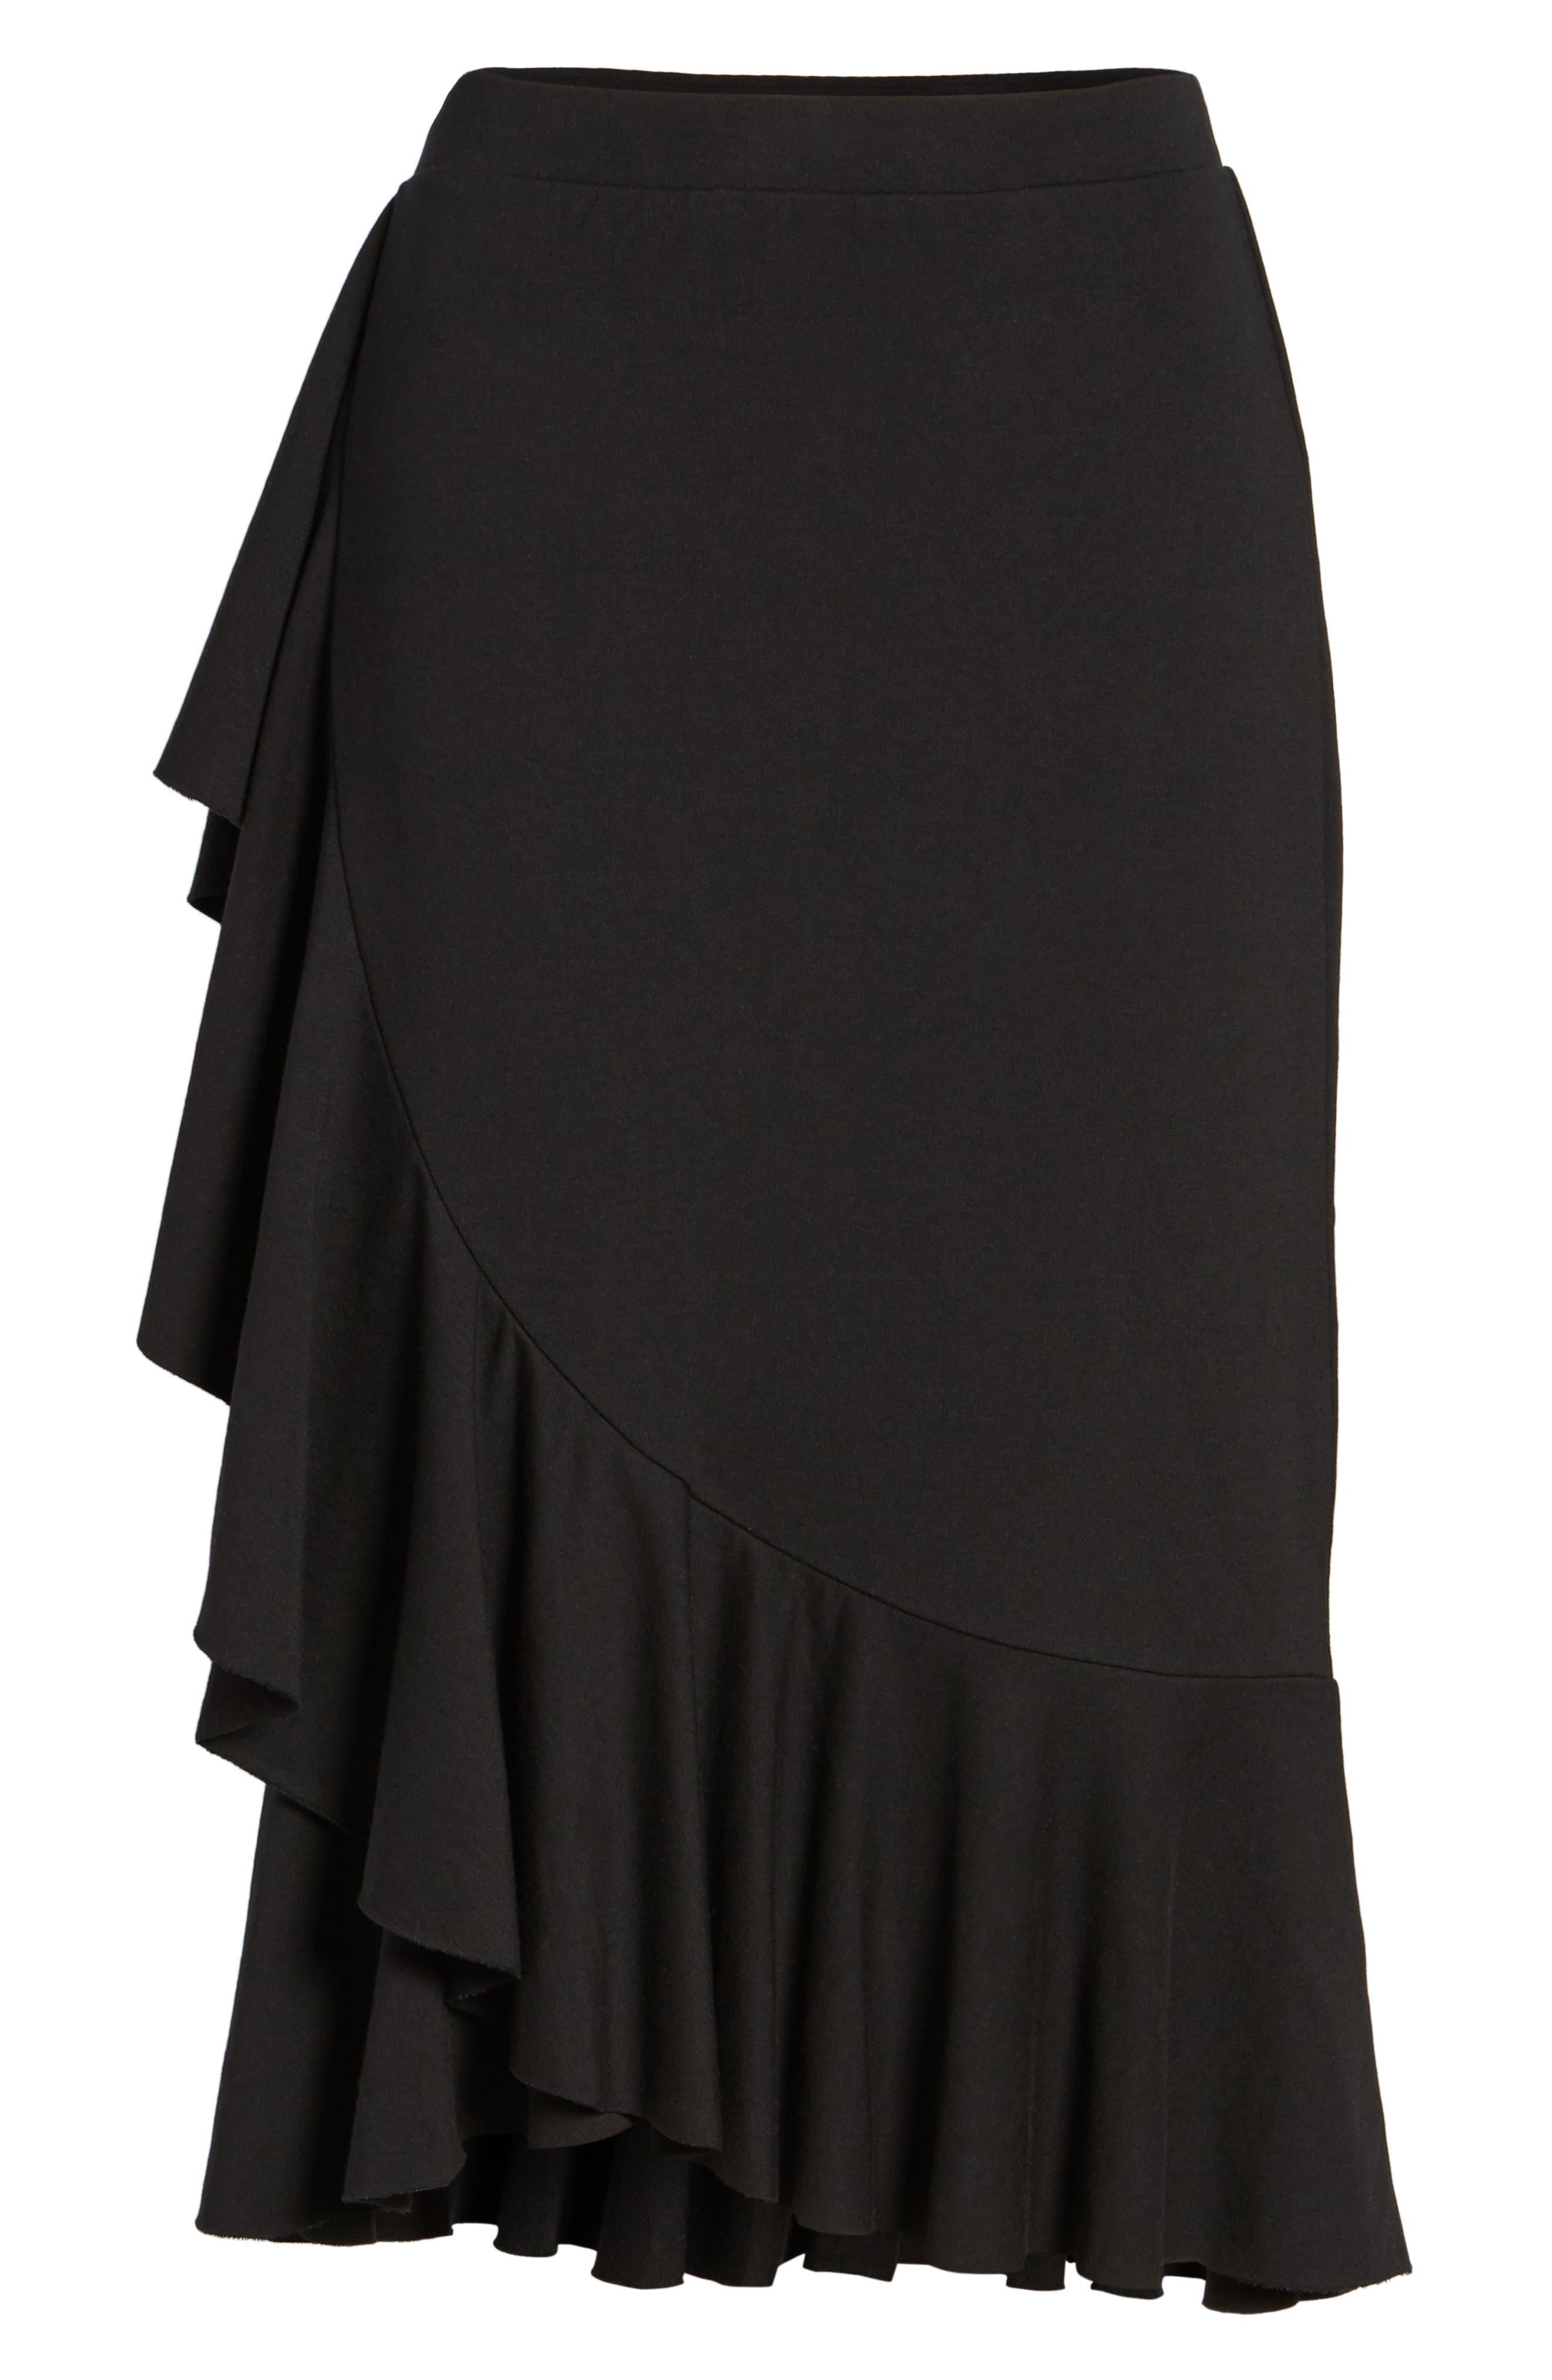 Ruffled Knit Skirt,                             Alternate thumbnail 6, color,                             001